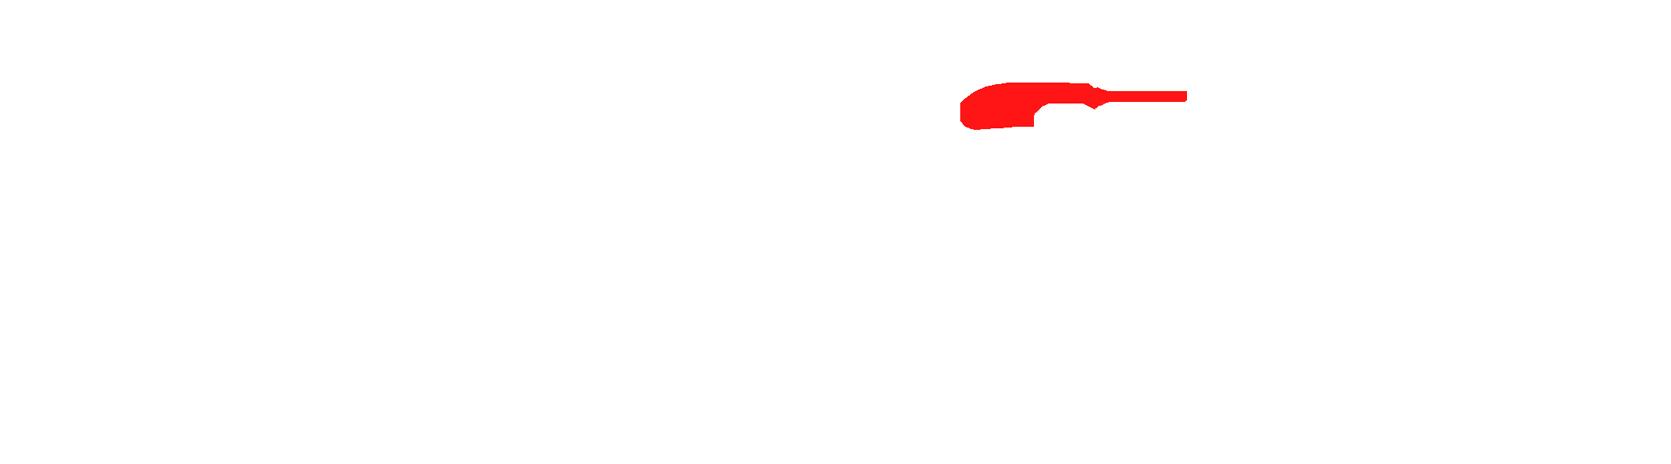 City-Service-Trafic